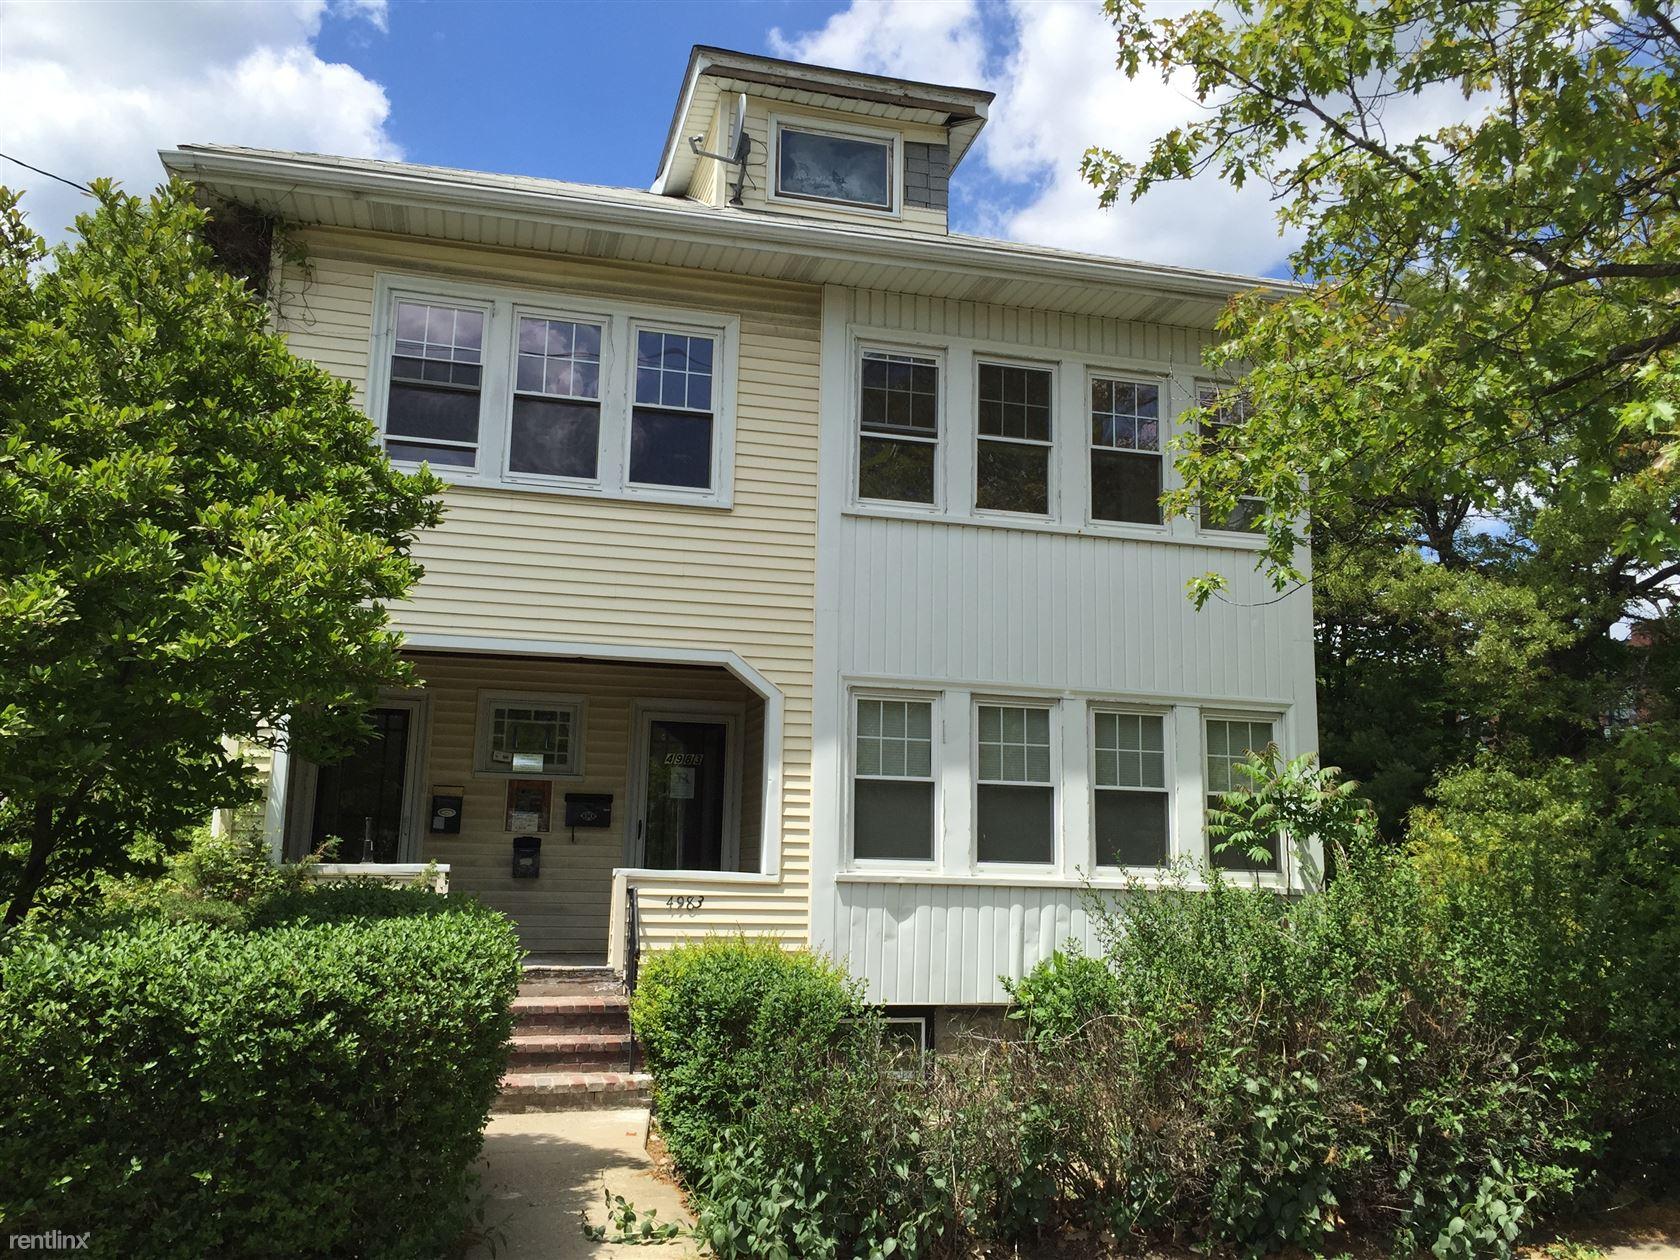 4983 Washington St Unit 1, West Roxbury, MA - $2,695